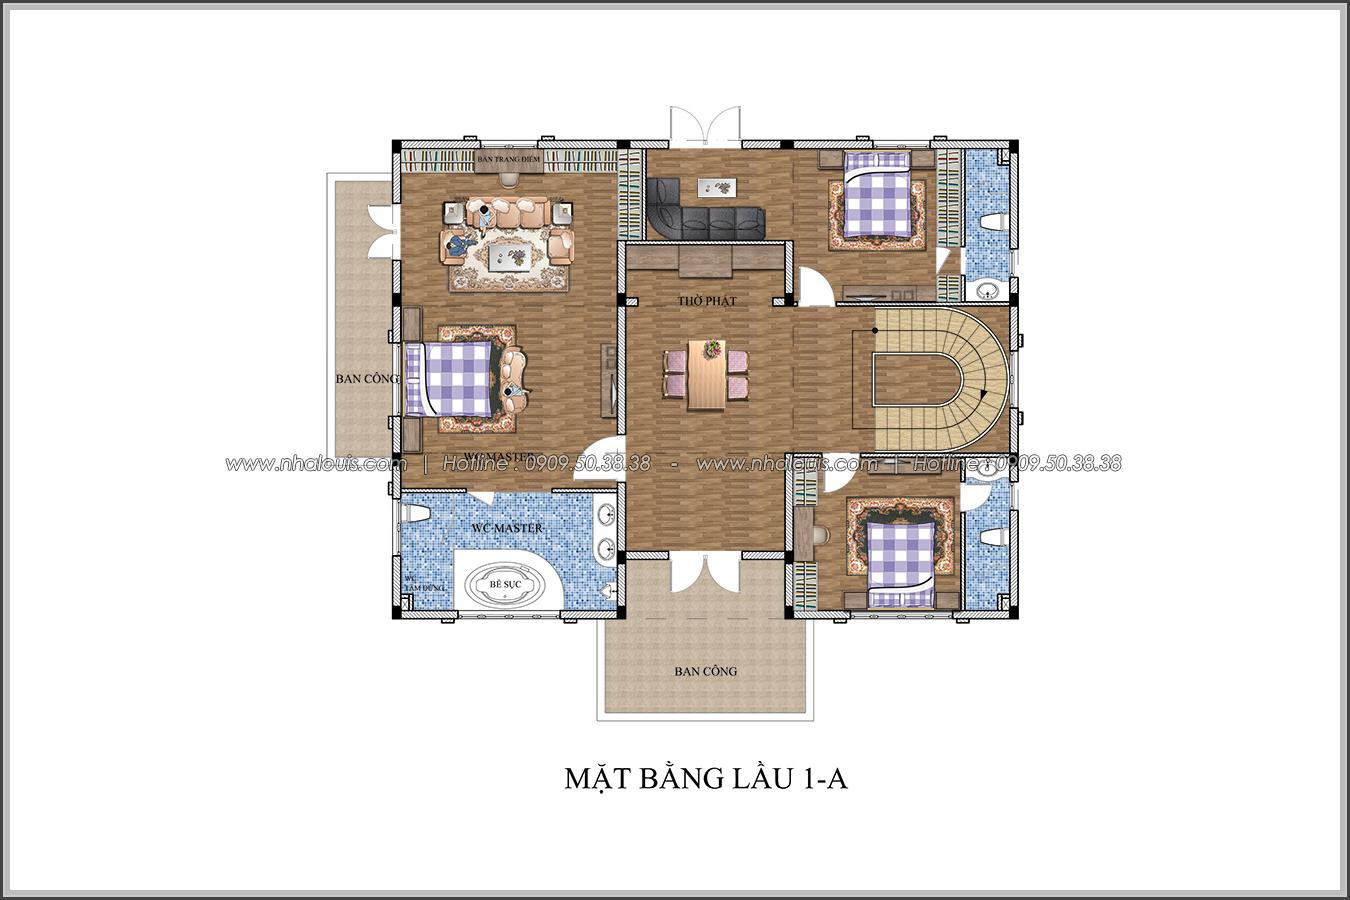 Mê mẩn với thiết kế biệt thự kiểu Pháp tại Biên Hòa đẹp kiêu sa, diễm lệ - 6